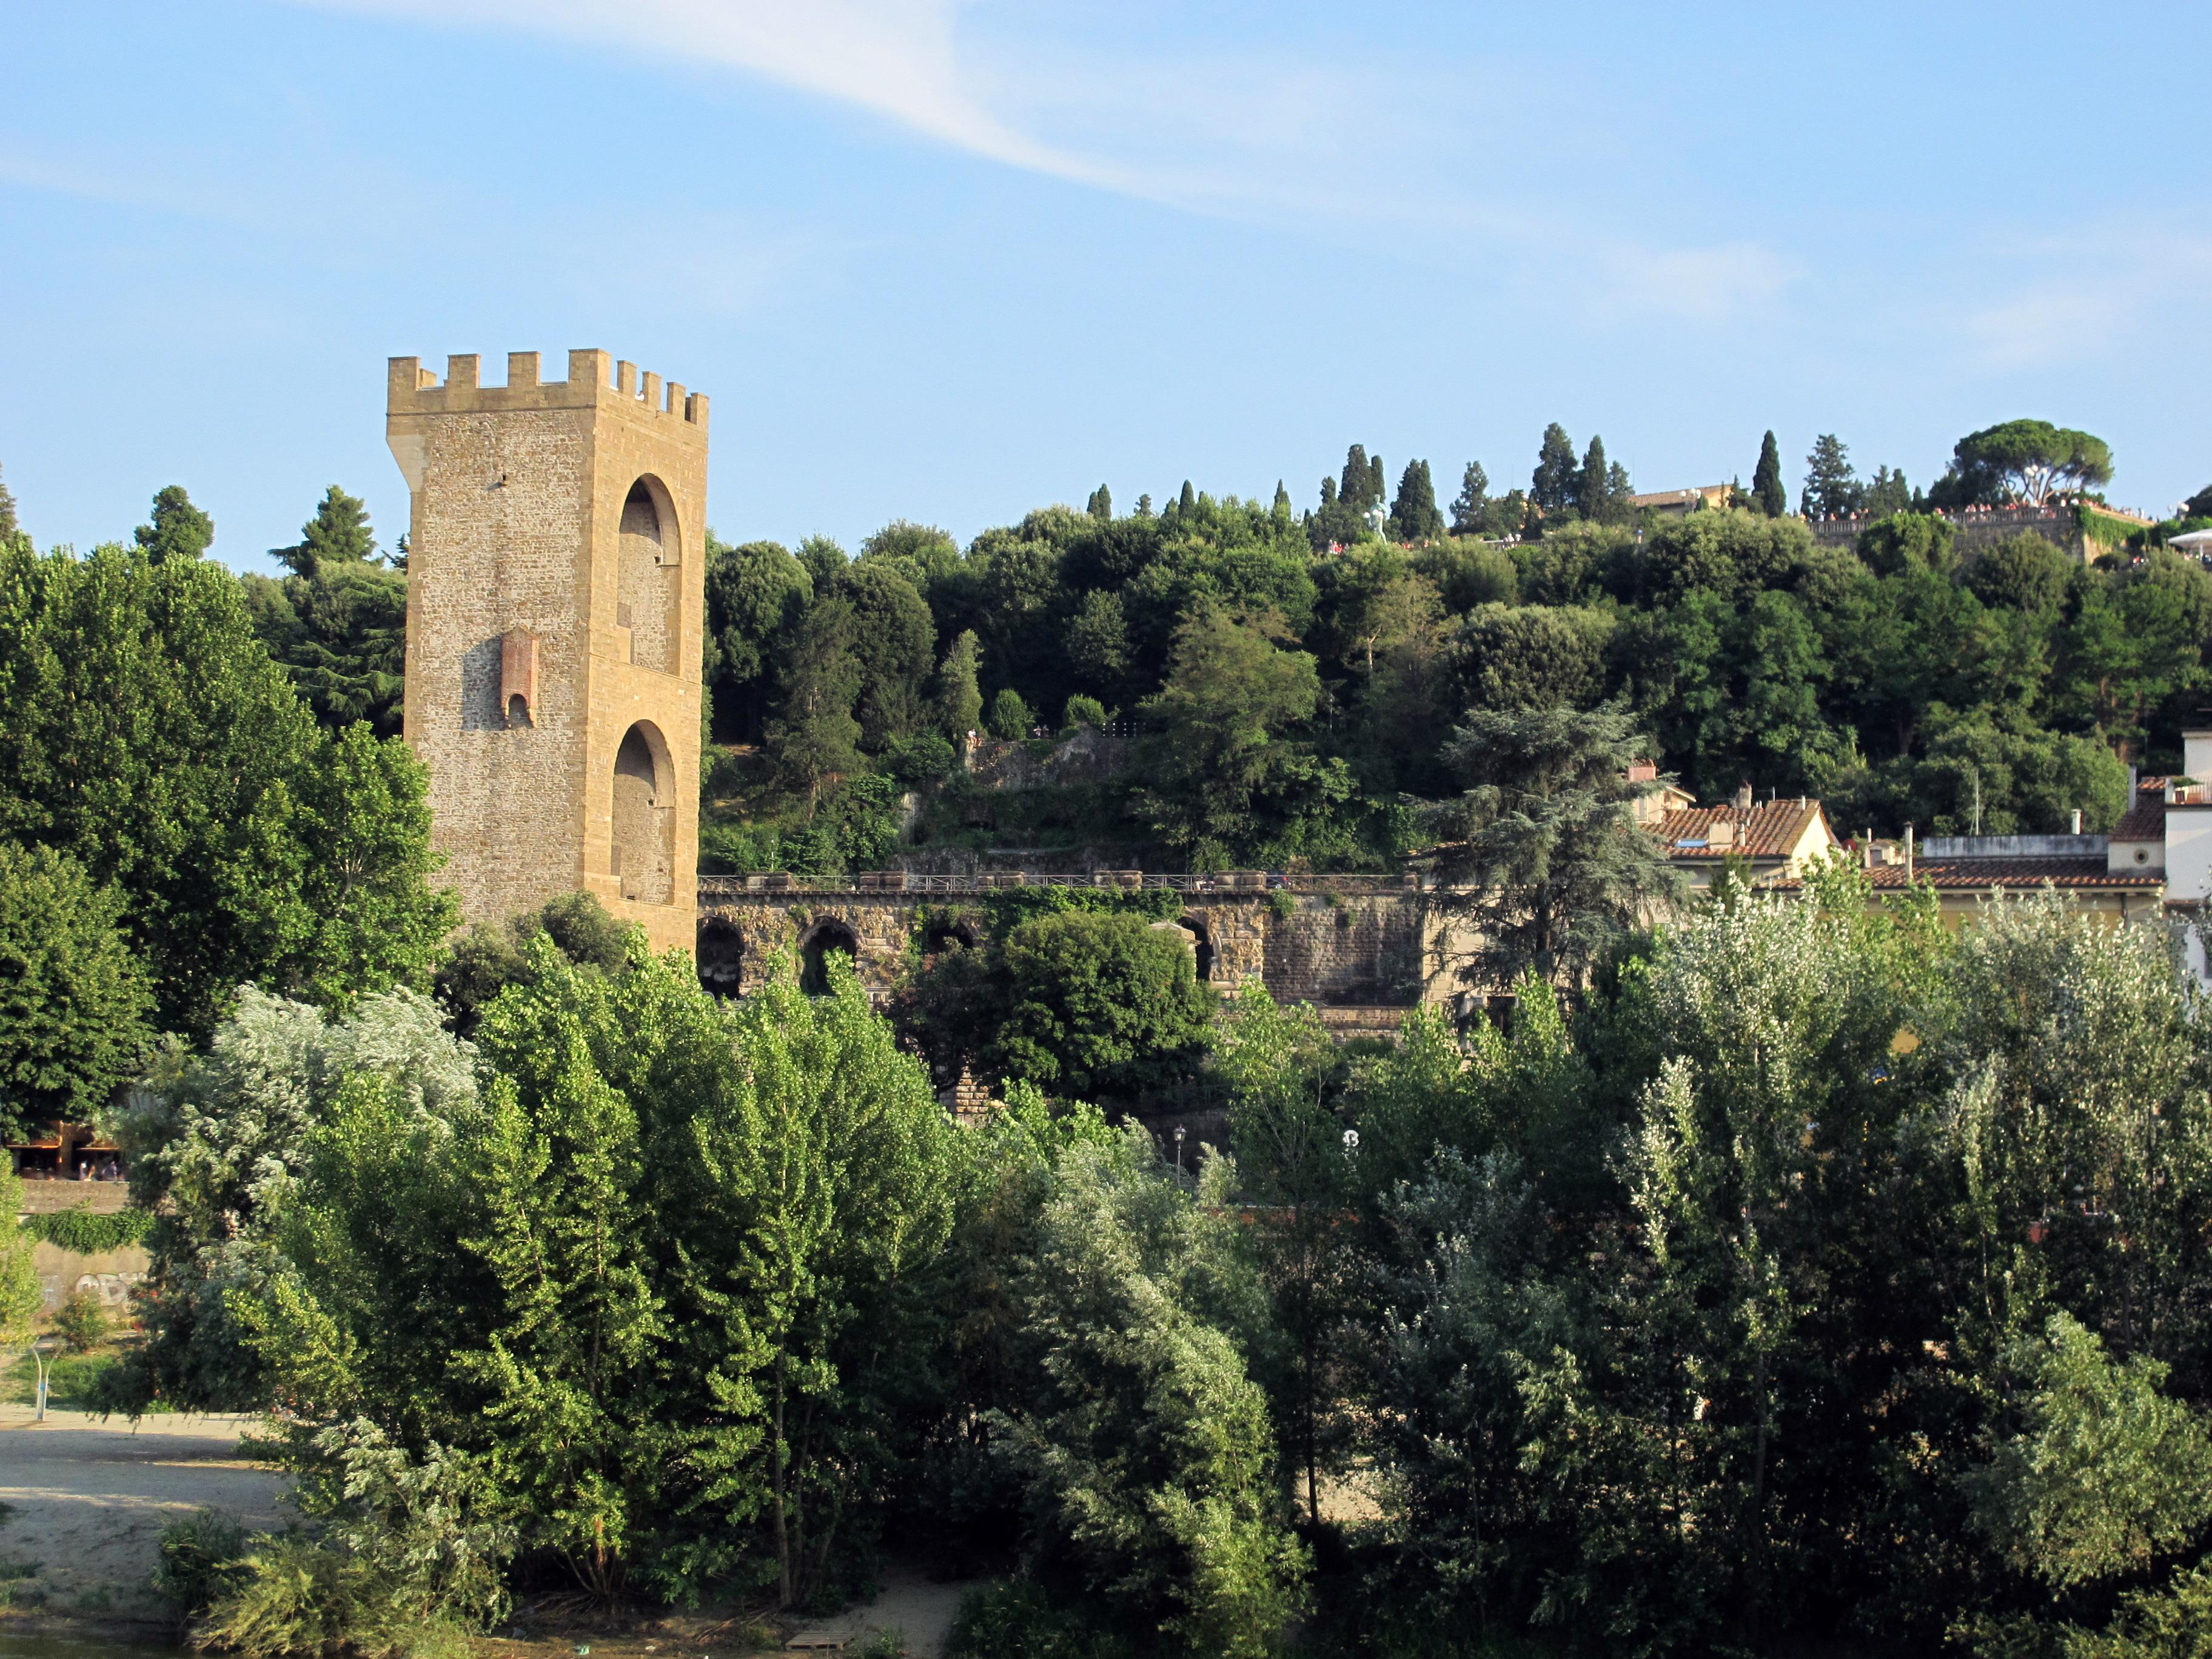 Arno con La torre di San Niccolò, la regina delle torri fiorentine